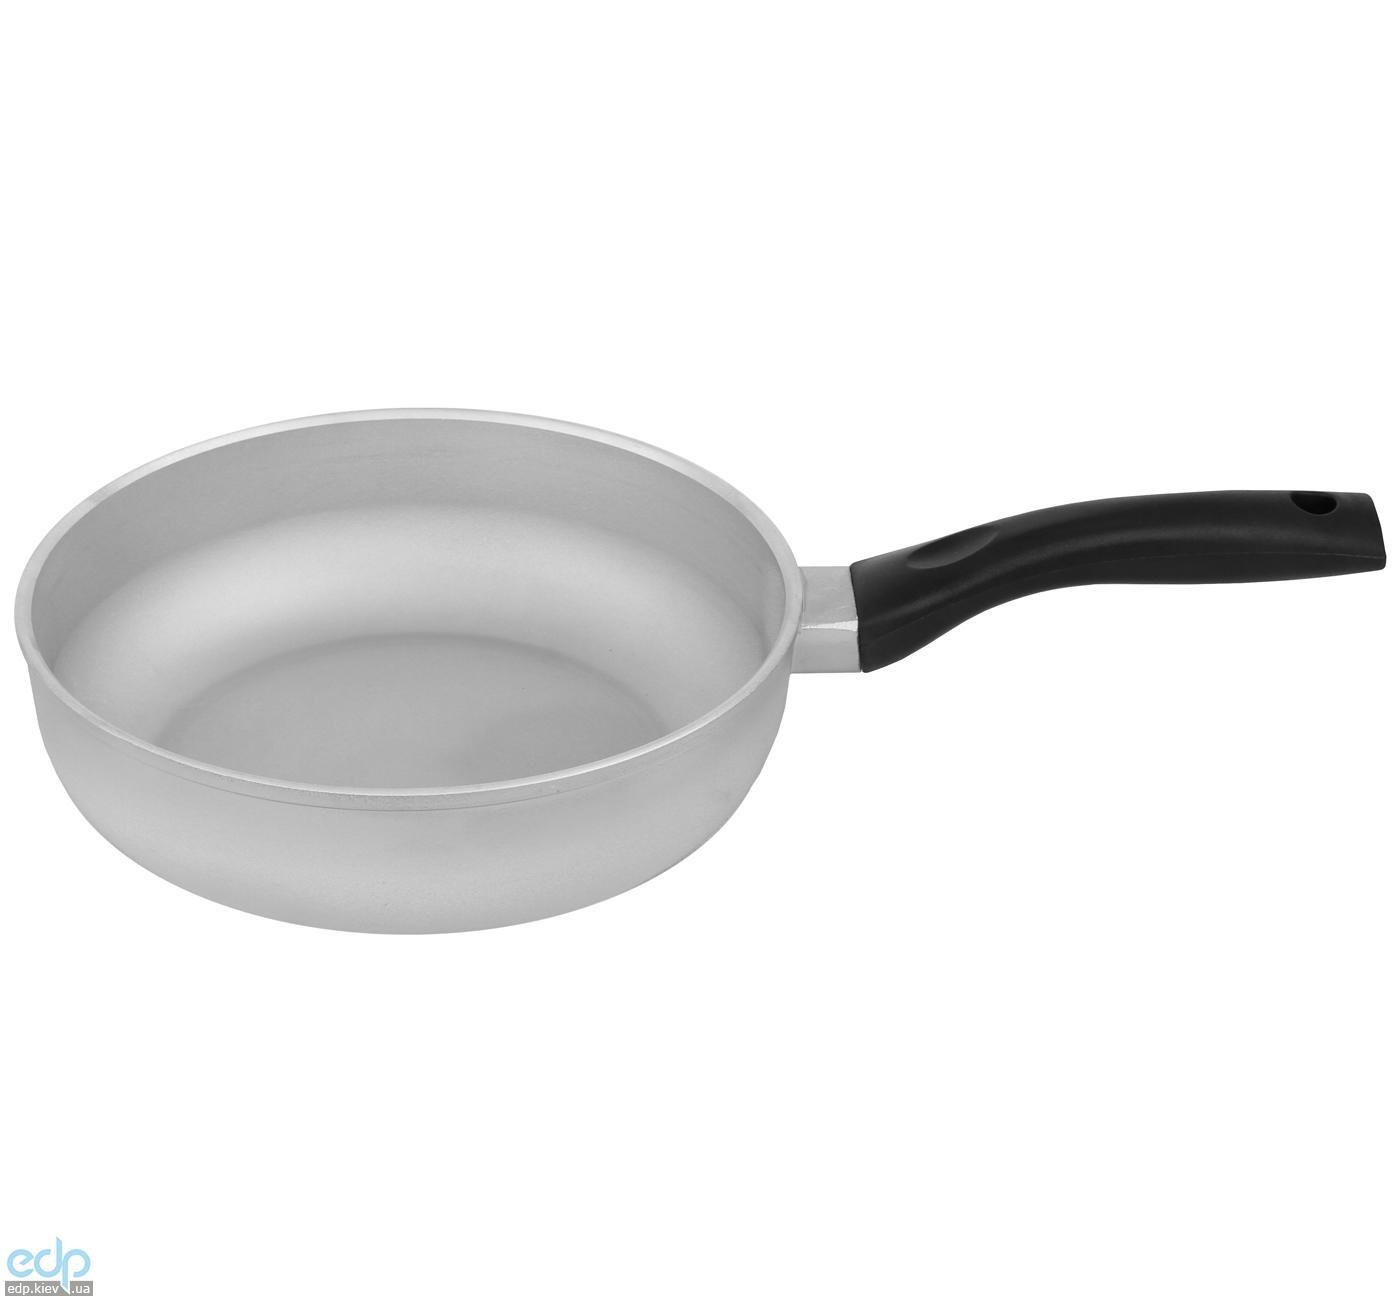 Биол - Сковородка с утолщенным дном без крышки диаметр 22 см (2209)